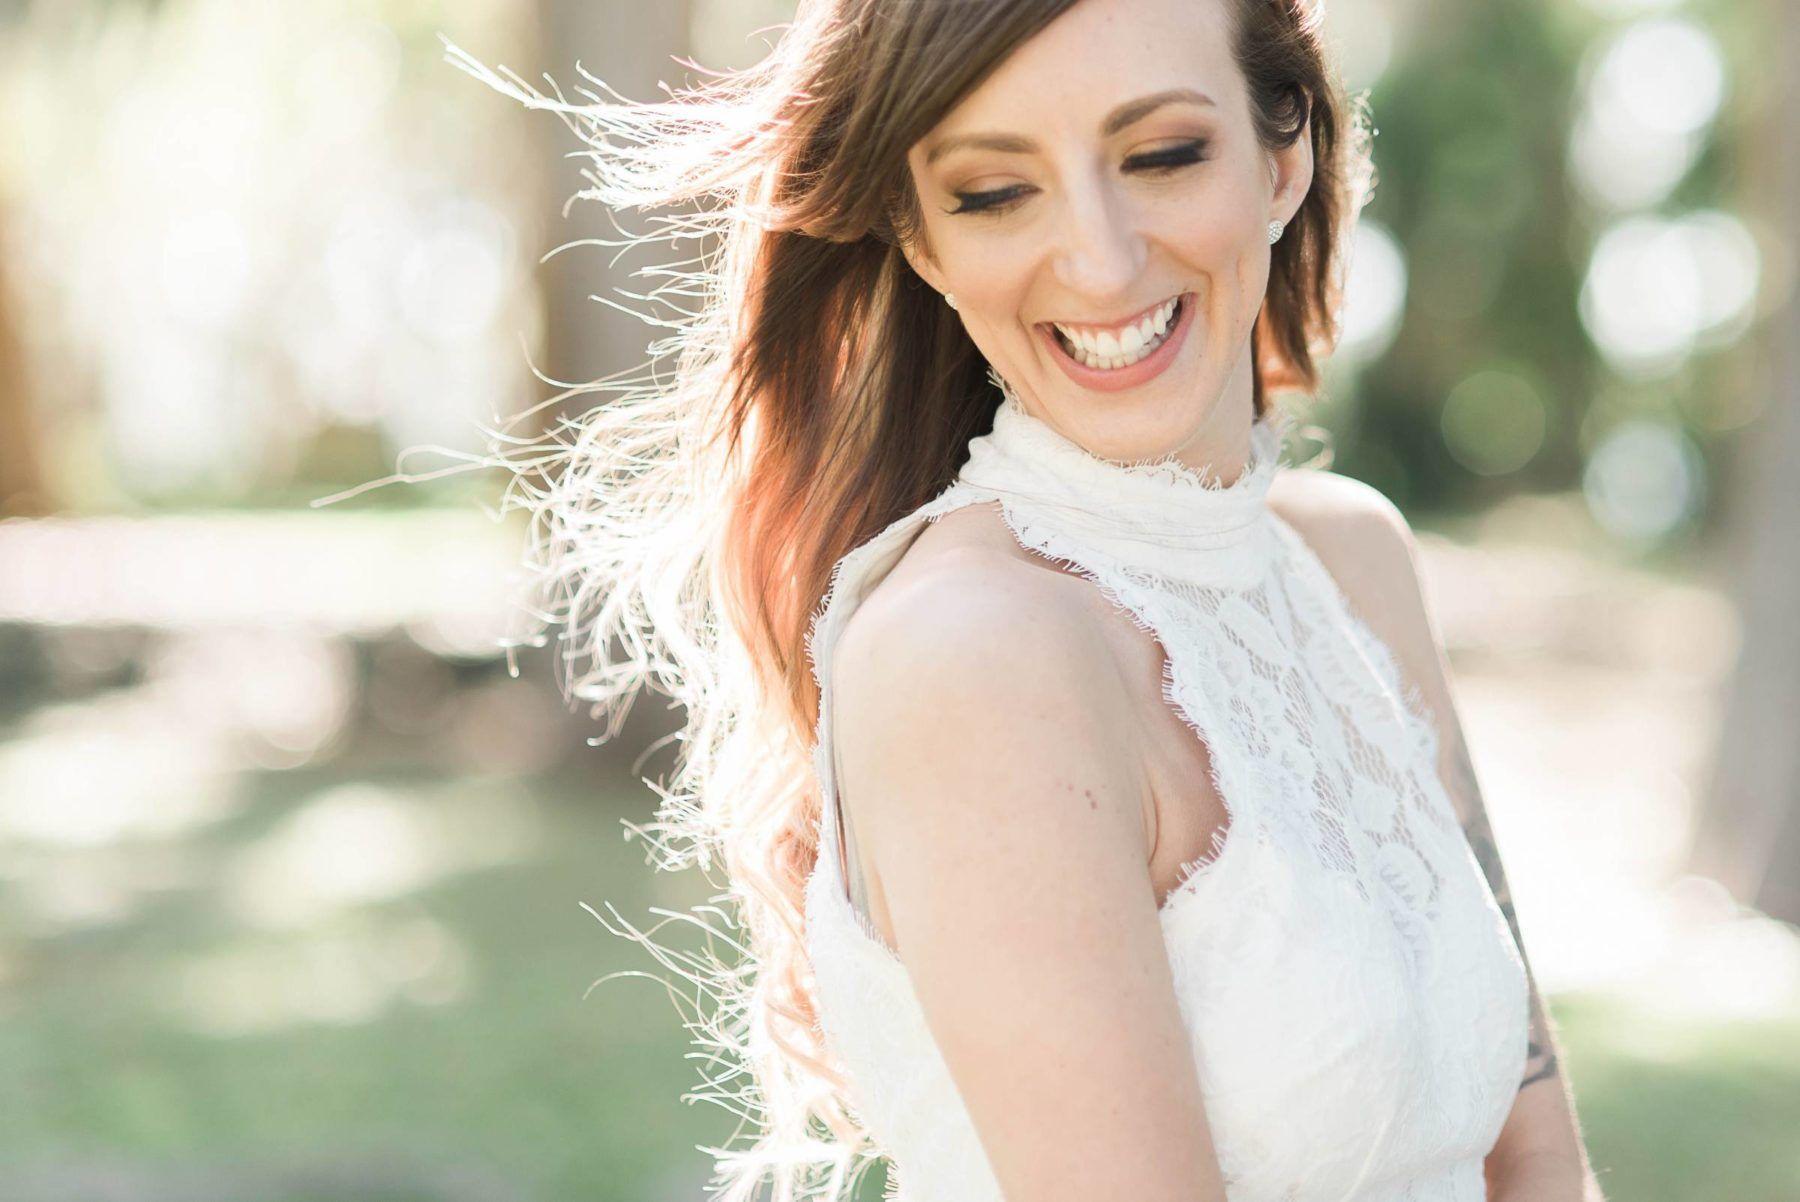 Marin Makeup Wedding Hair and Makeup in 2020 Wedding